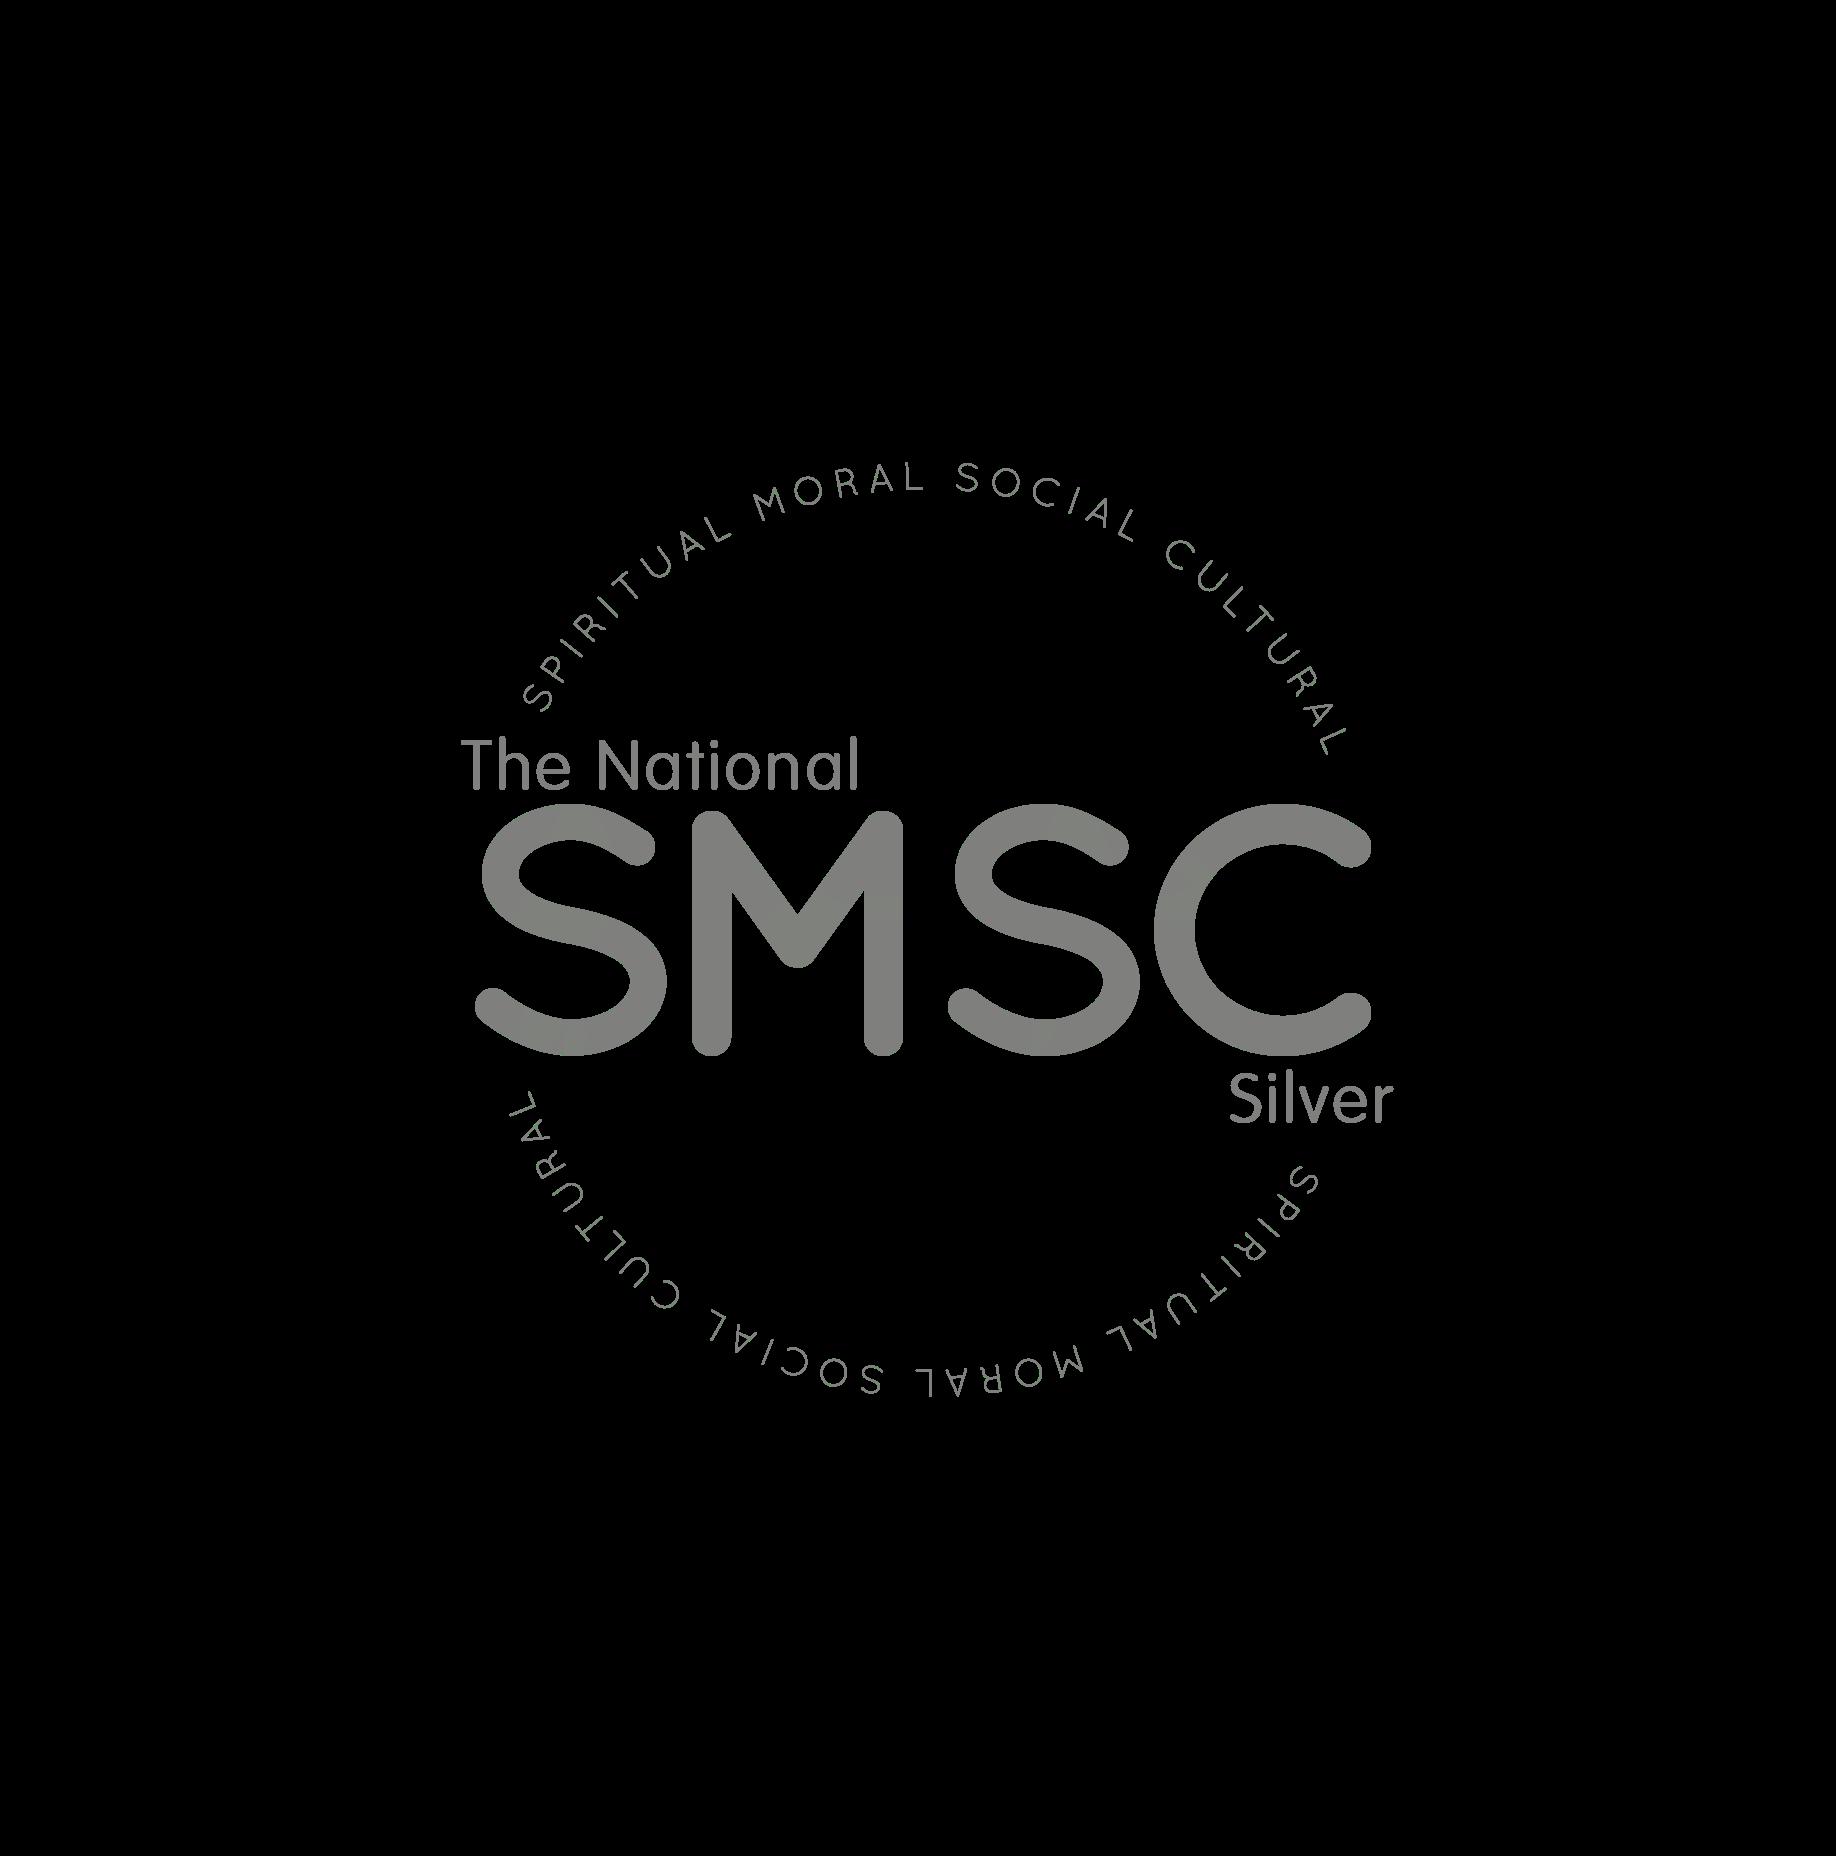 SMSC silver